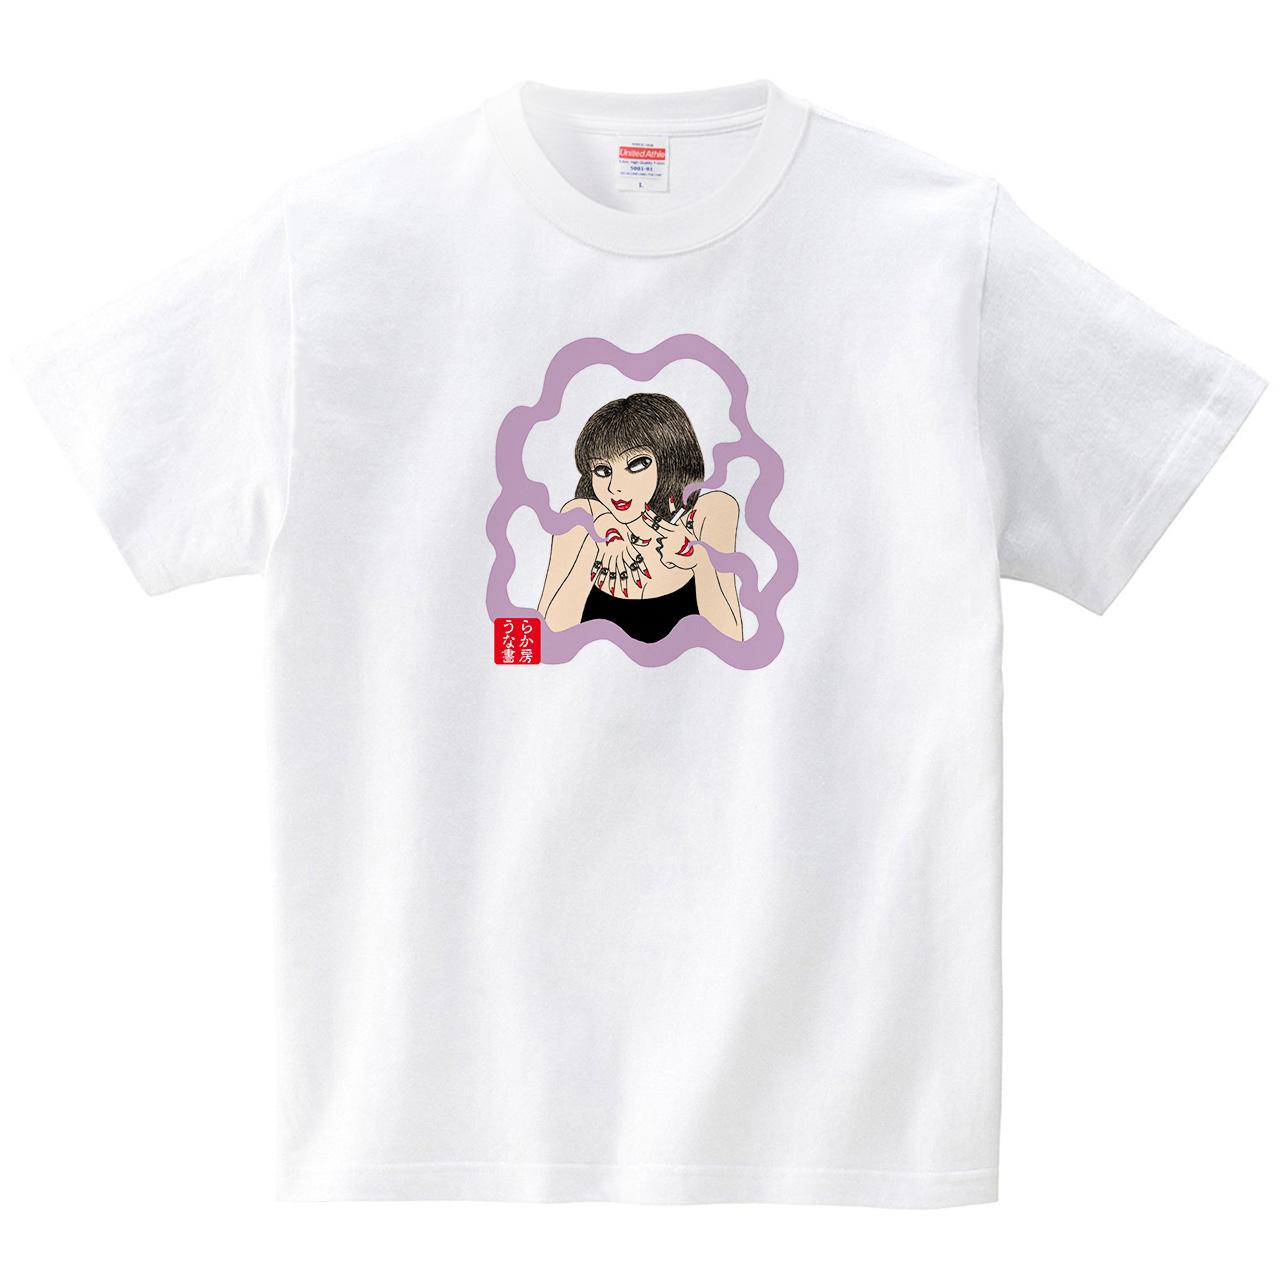 うらなか書房のちょっとシュールなTシャツ「毒を吐く」(Tシャツ・ホワイト)(うらなか書房)